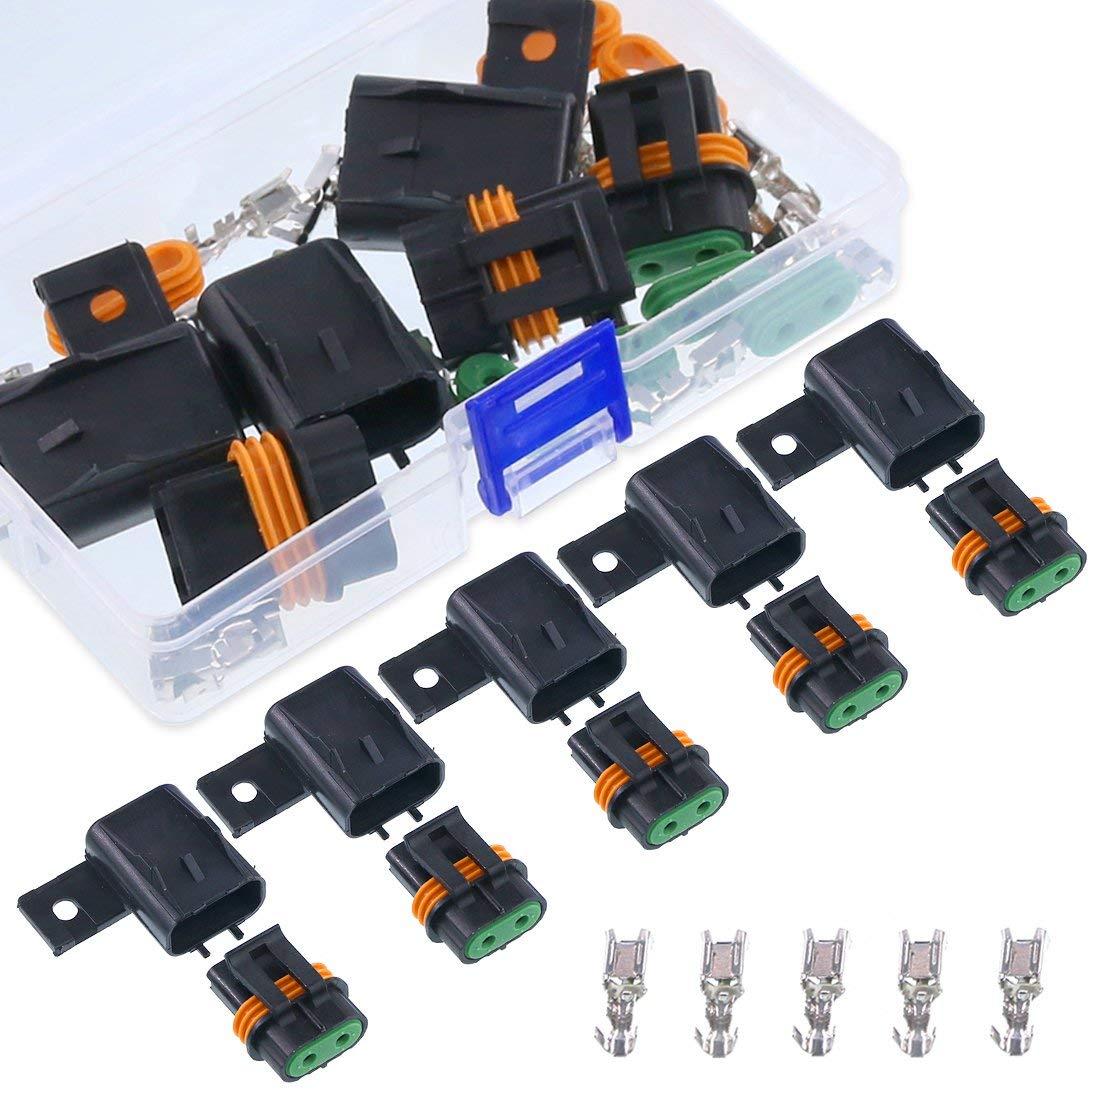 6 9 broches Kit de raccordement automobile de 580 pi/èces connecteurs de fils /électriques de voiture /à sertir et bornes de c/âble femelle et connecteur m/âle//femelle 2 3 4 2,8 mm